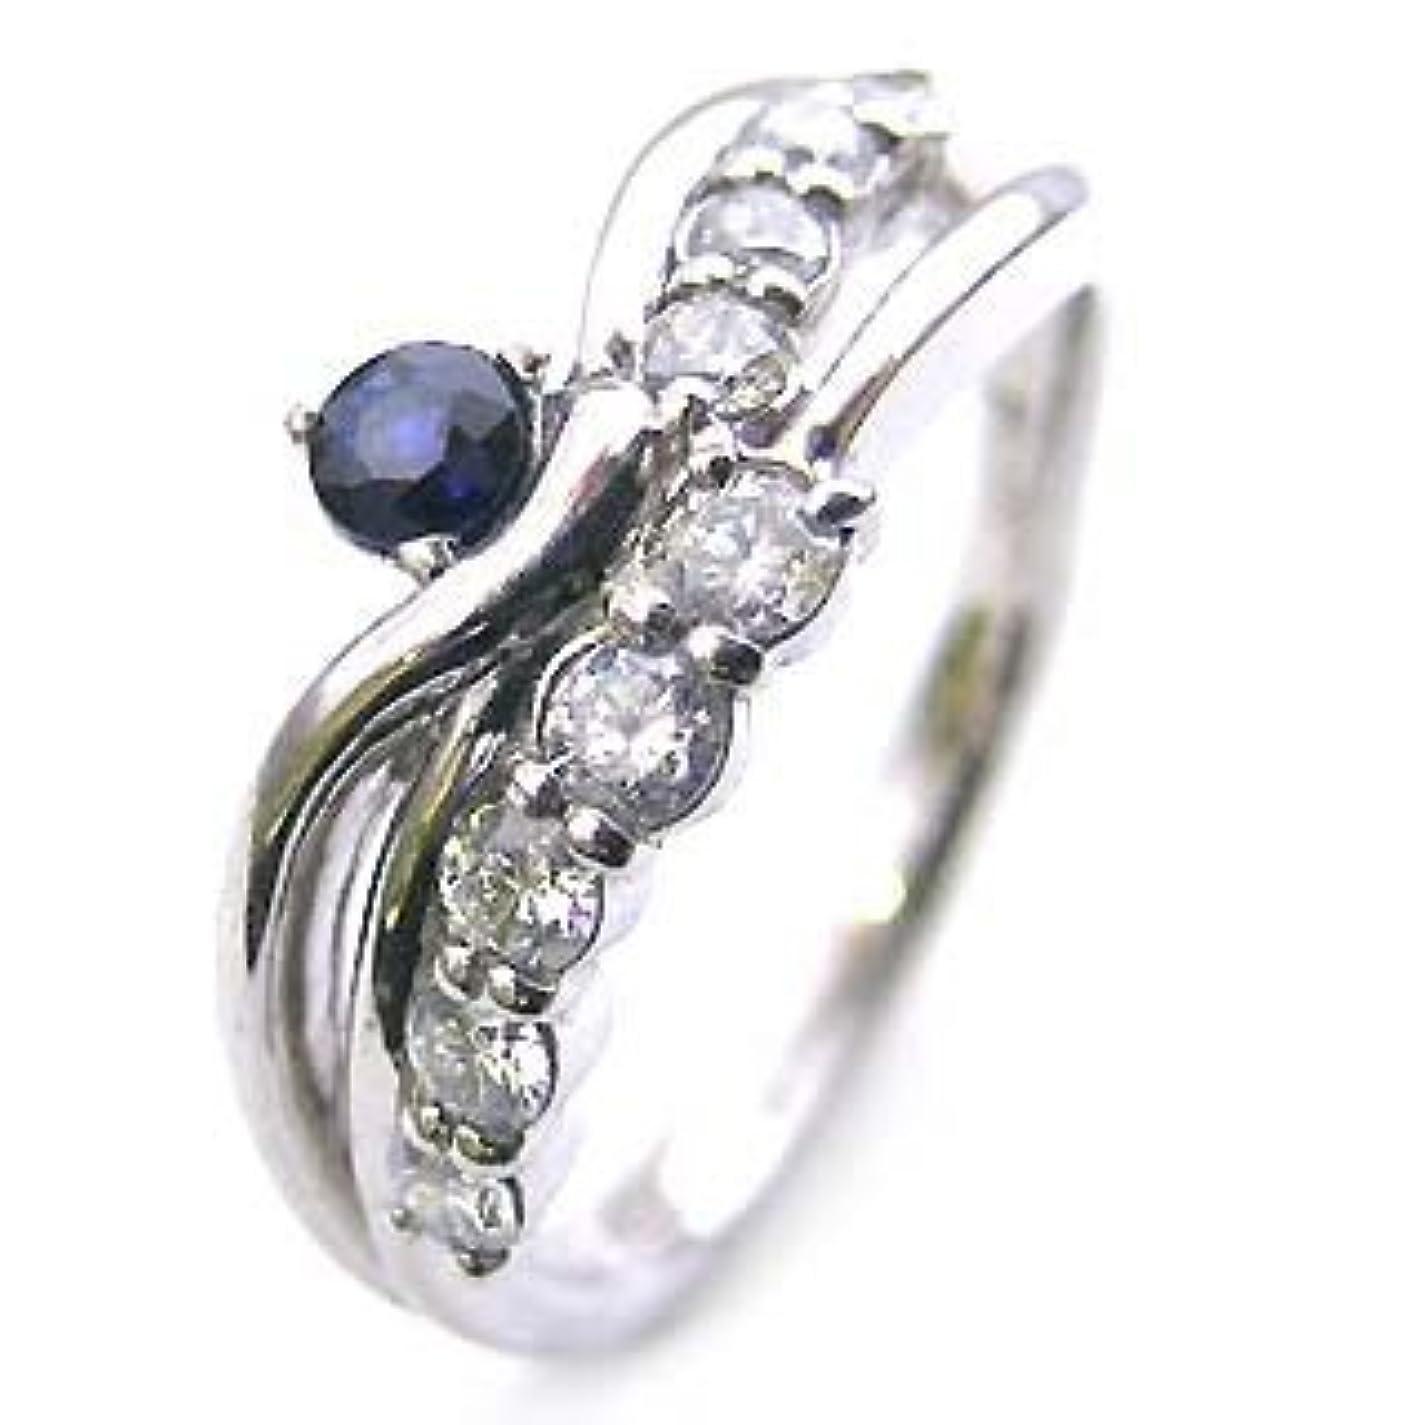 免除食い違い月曜( 婚約指輪 ) ダイヤモンド プラチナエンゲージリング( 9月誕生石 ) サファイア #7